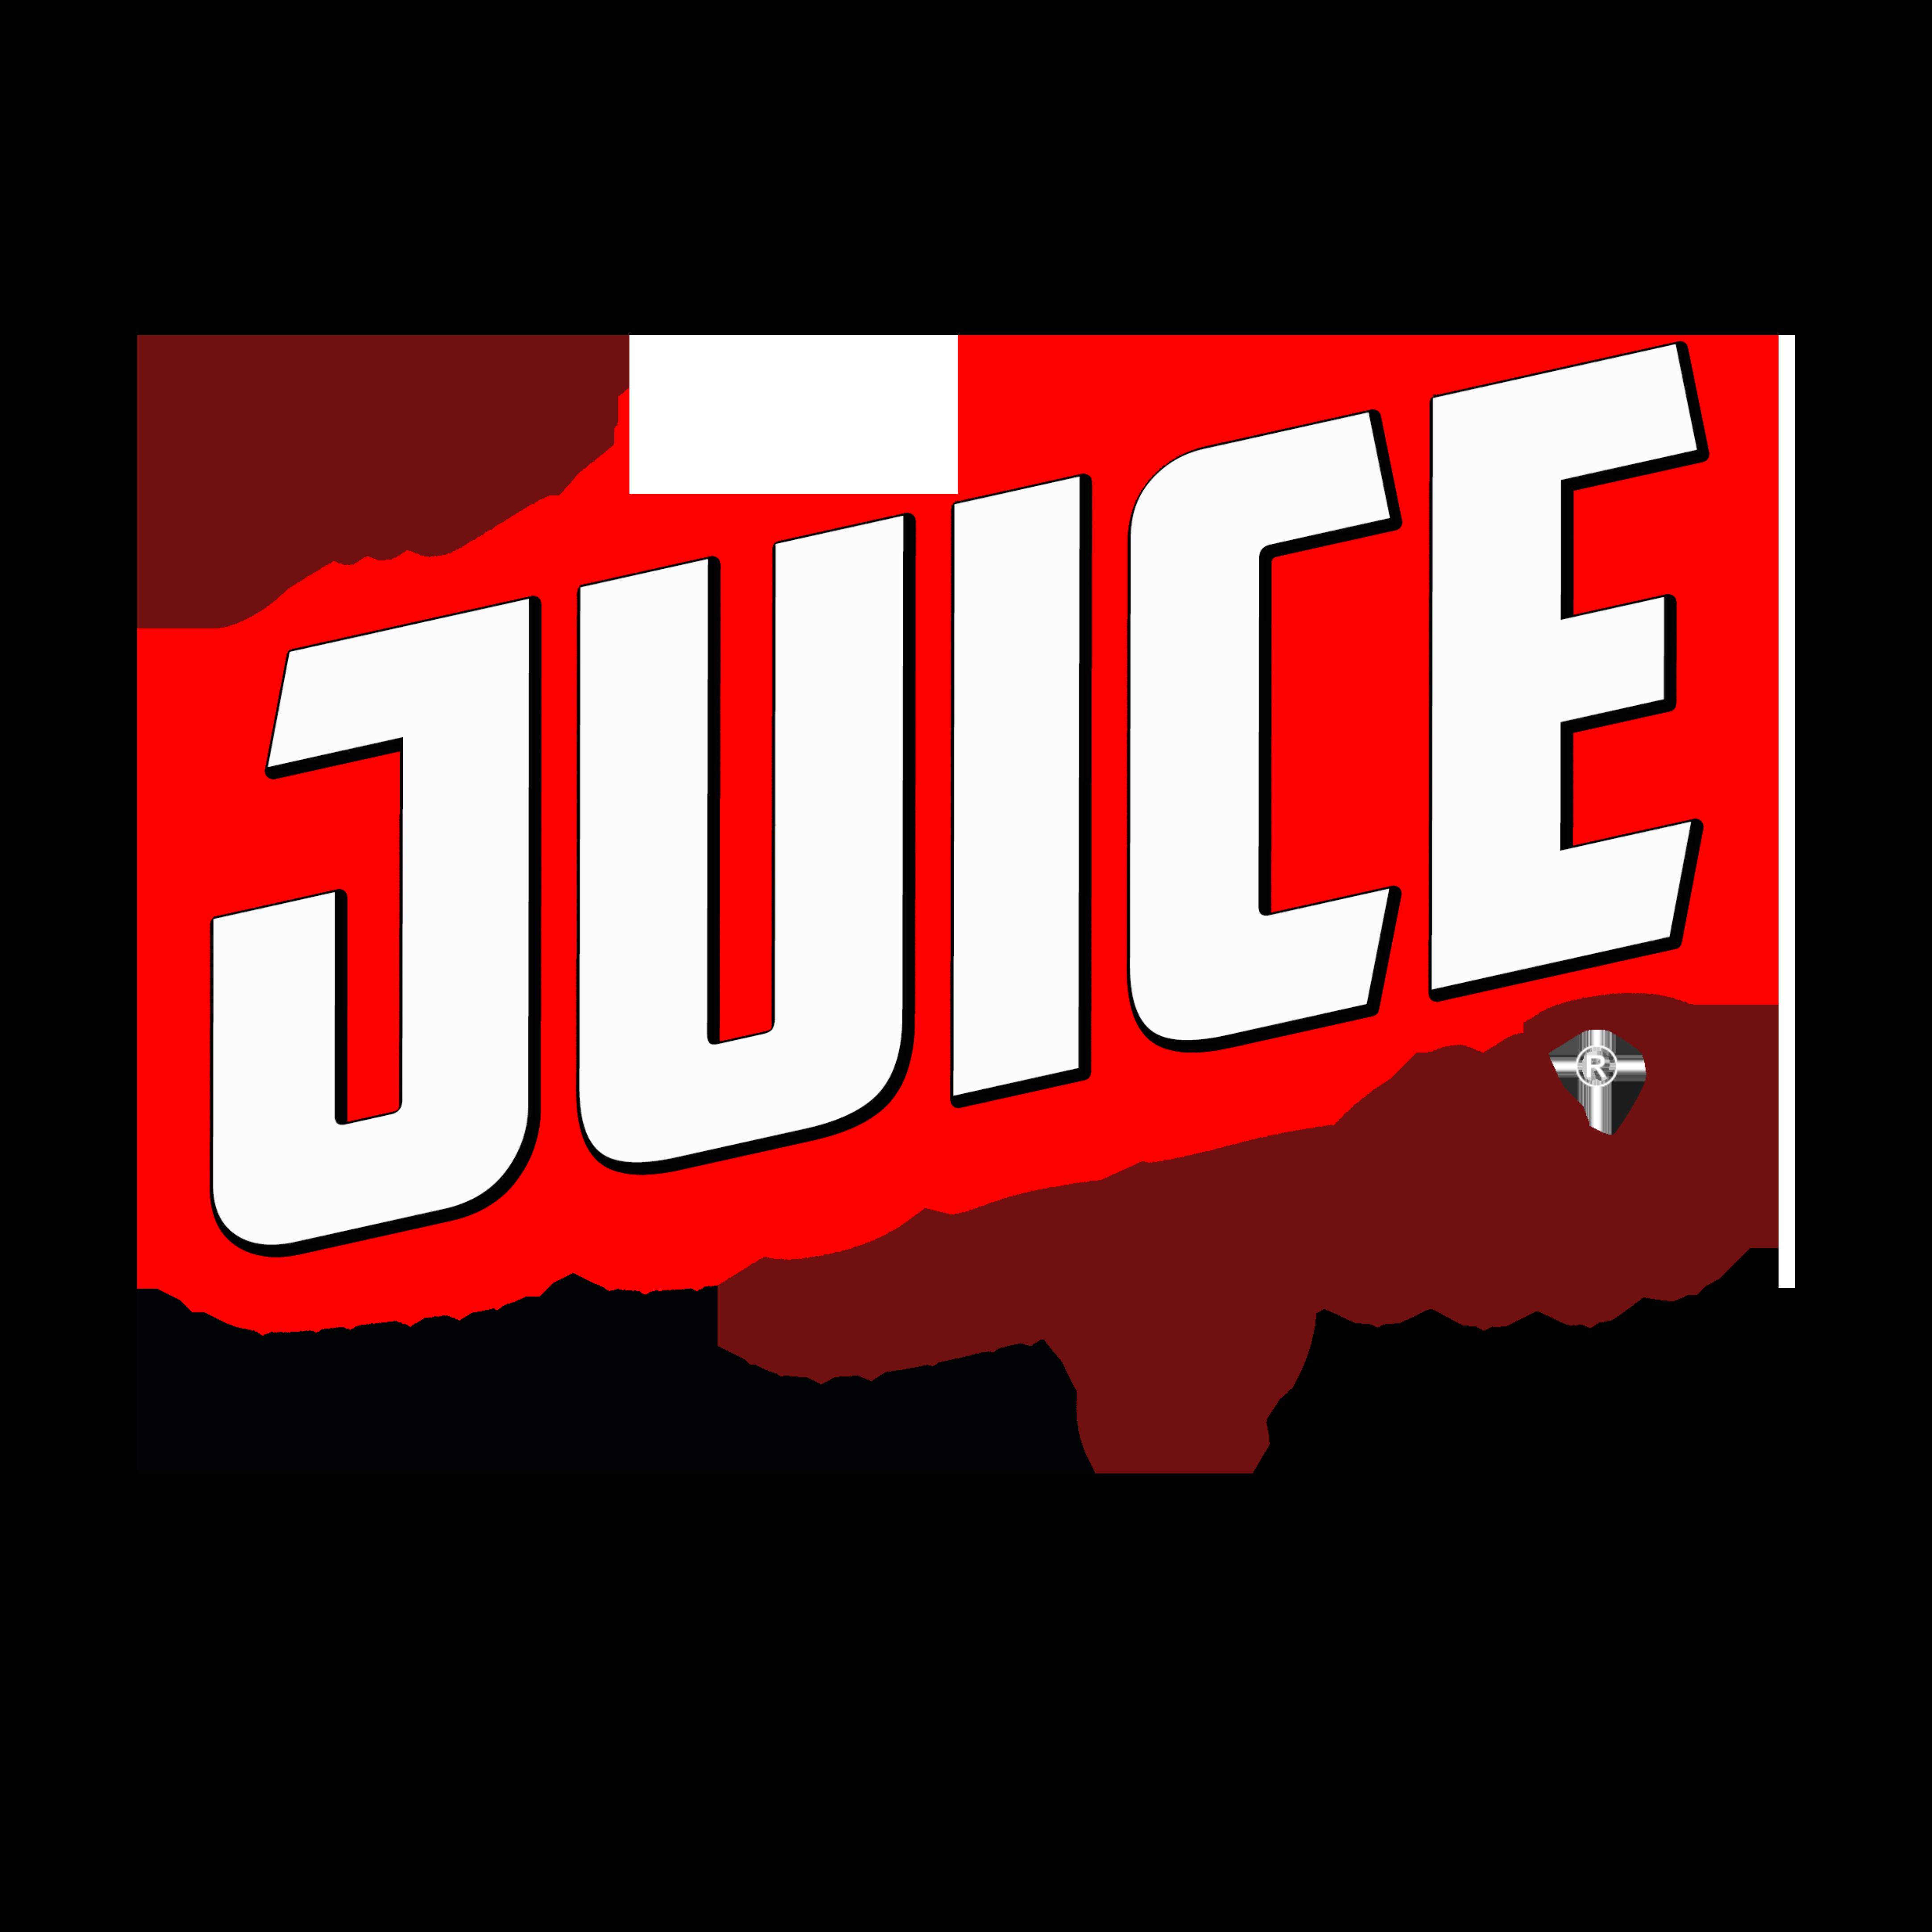 Juice Co